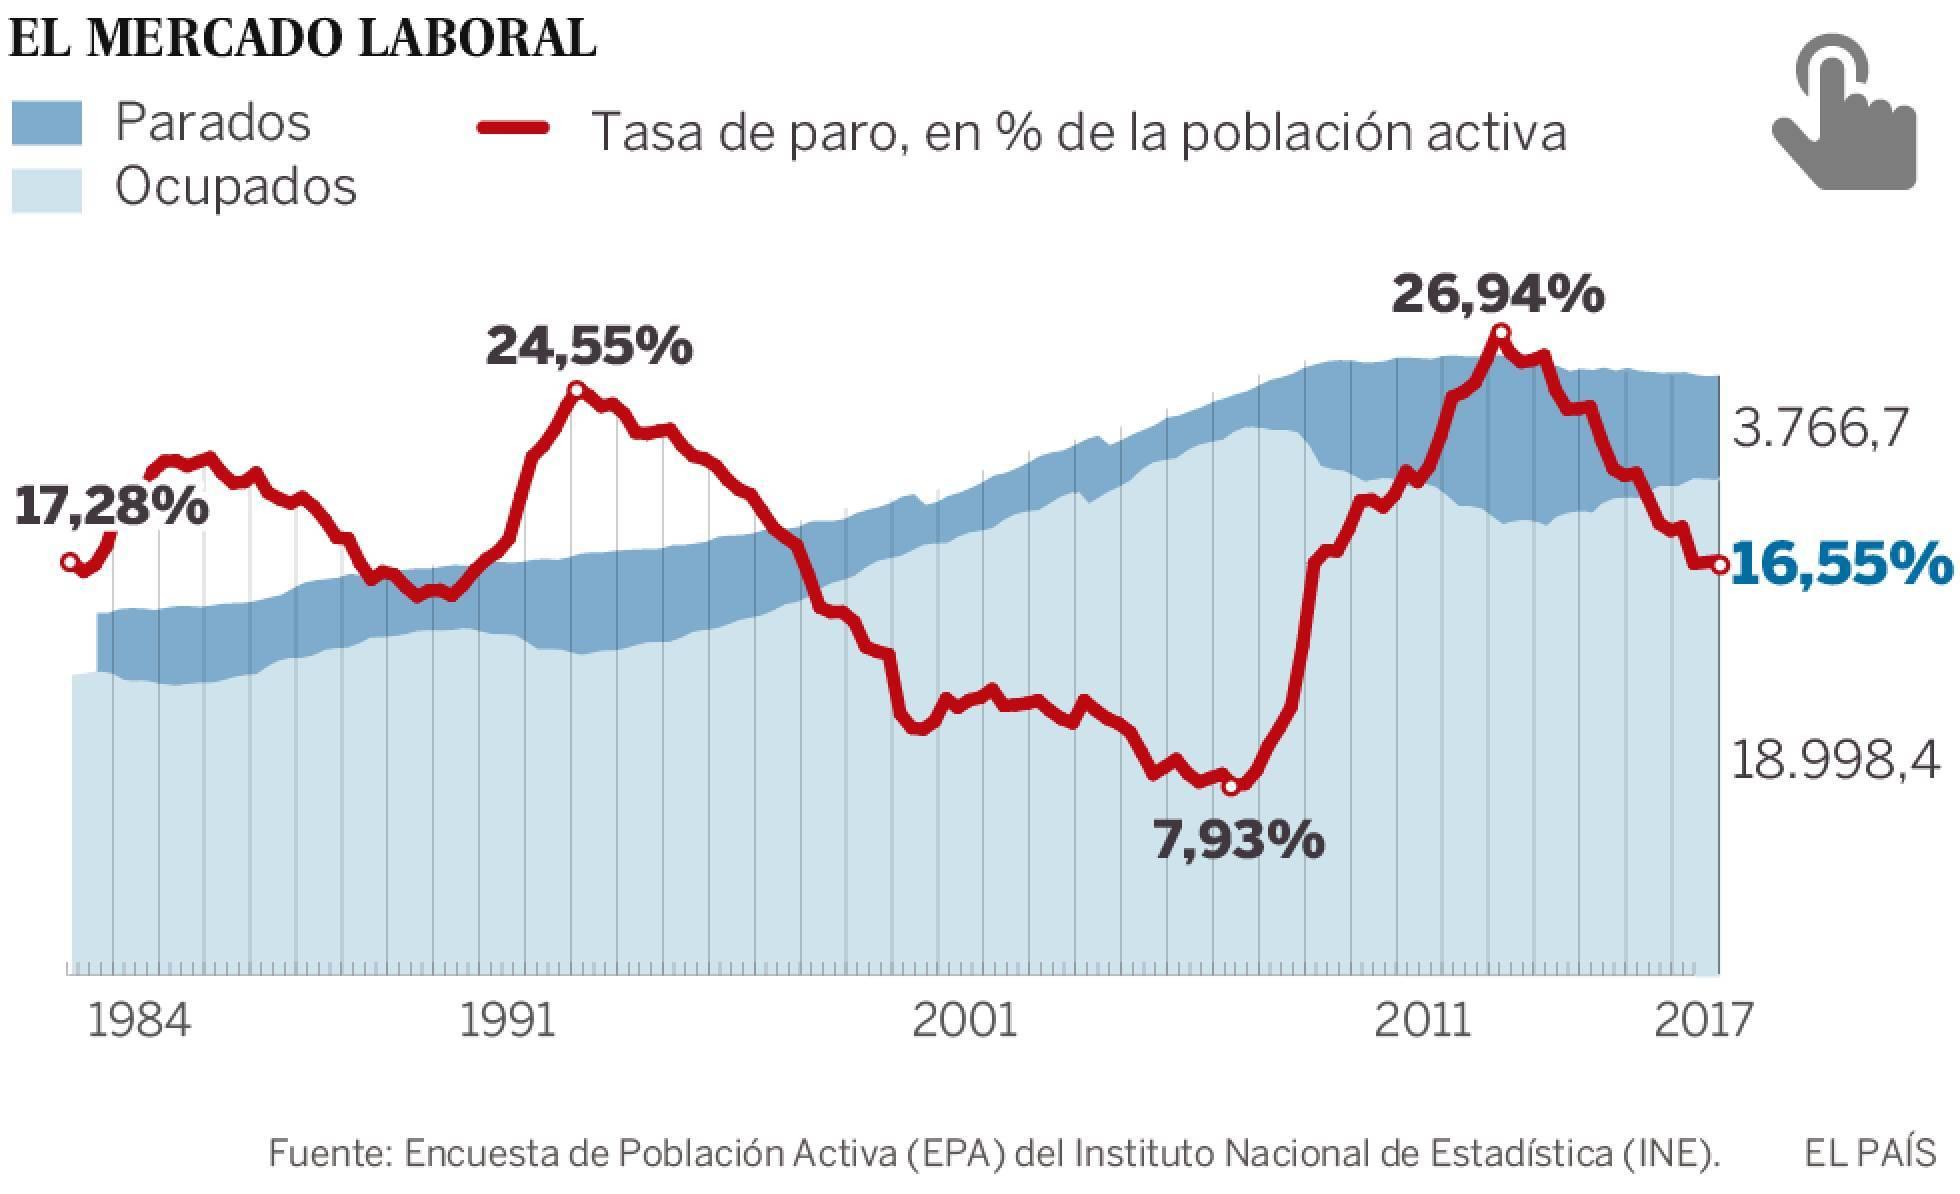 Переезд в испанию: сколько стоит жизнь в барселоне | блог мтбанка